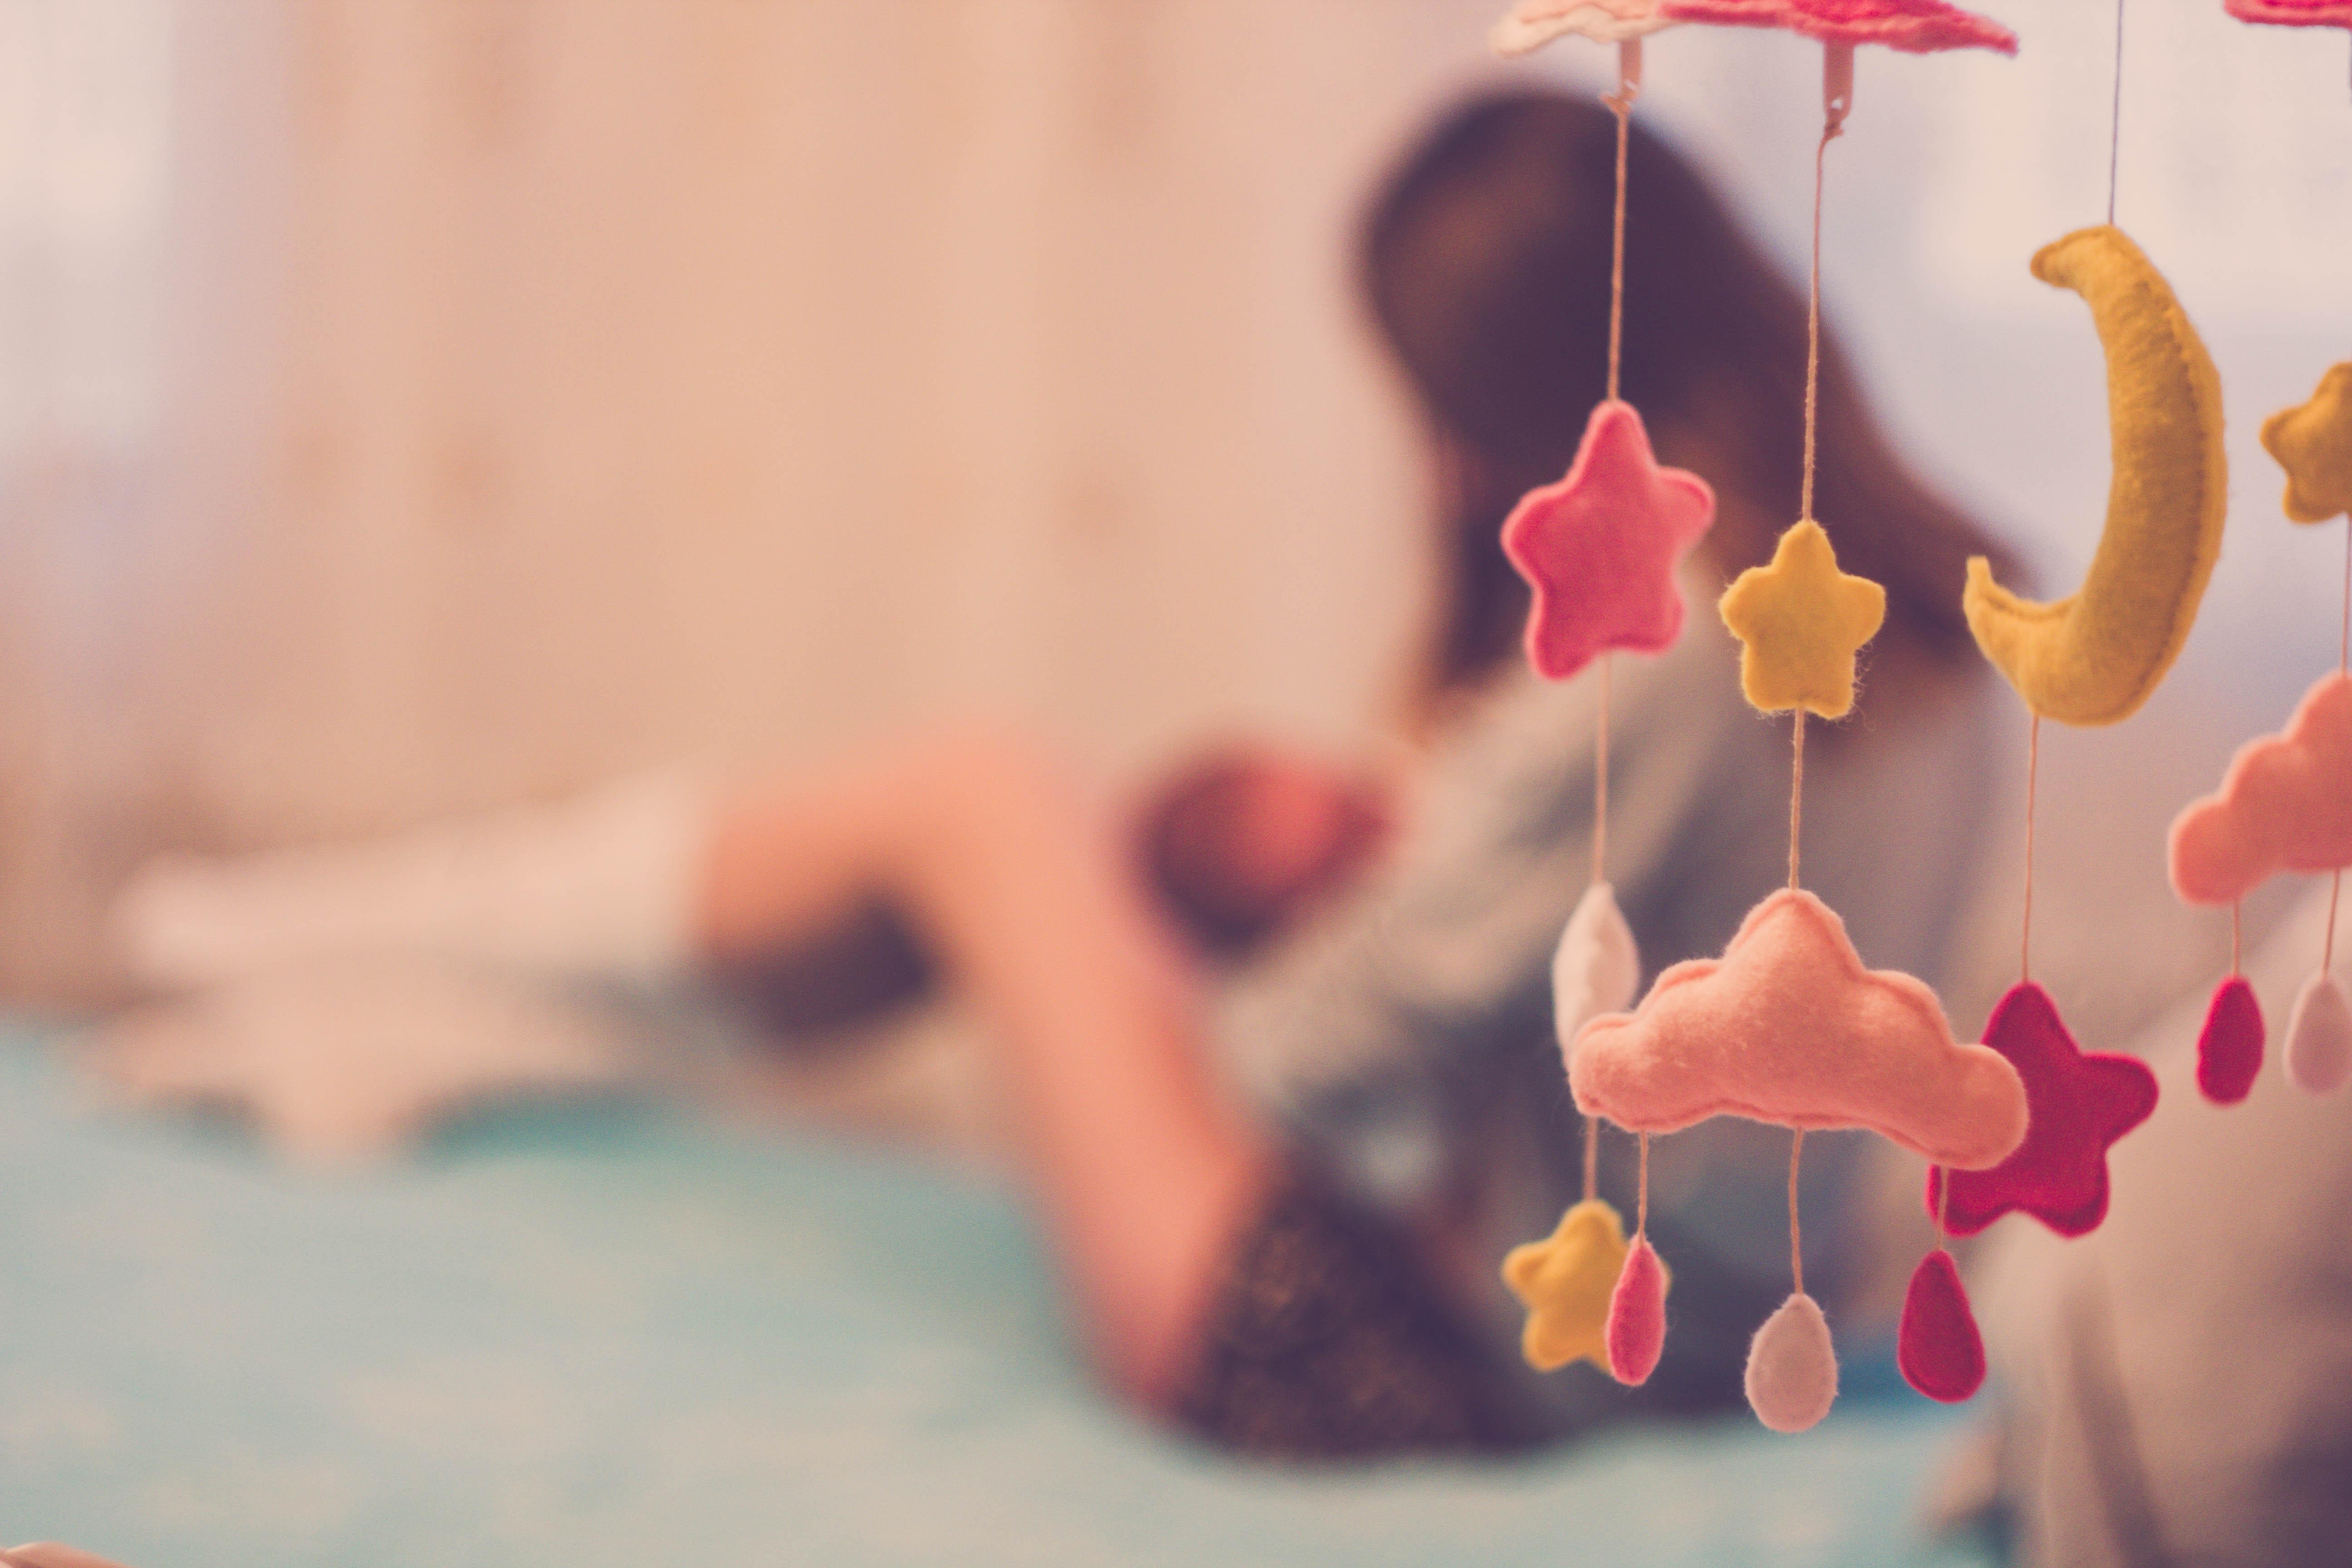 Майките ще получават заплата и половина при връщане в офиса преди първия рожден ден на бебето.